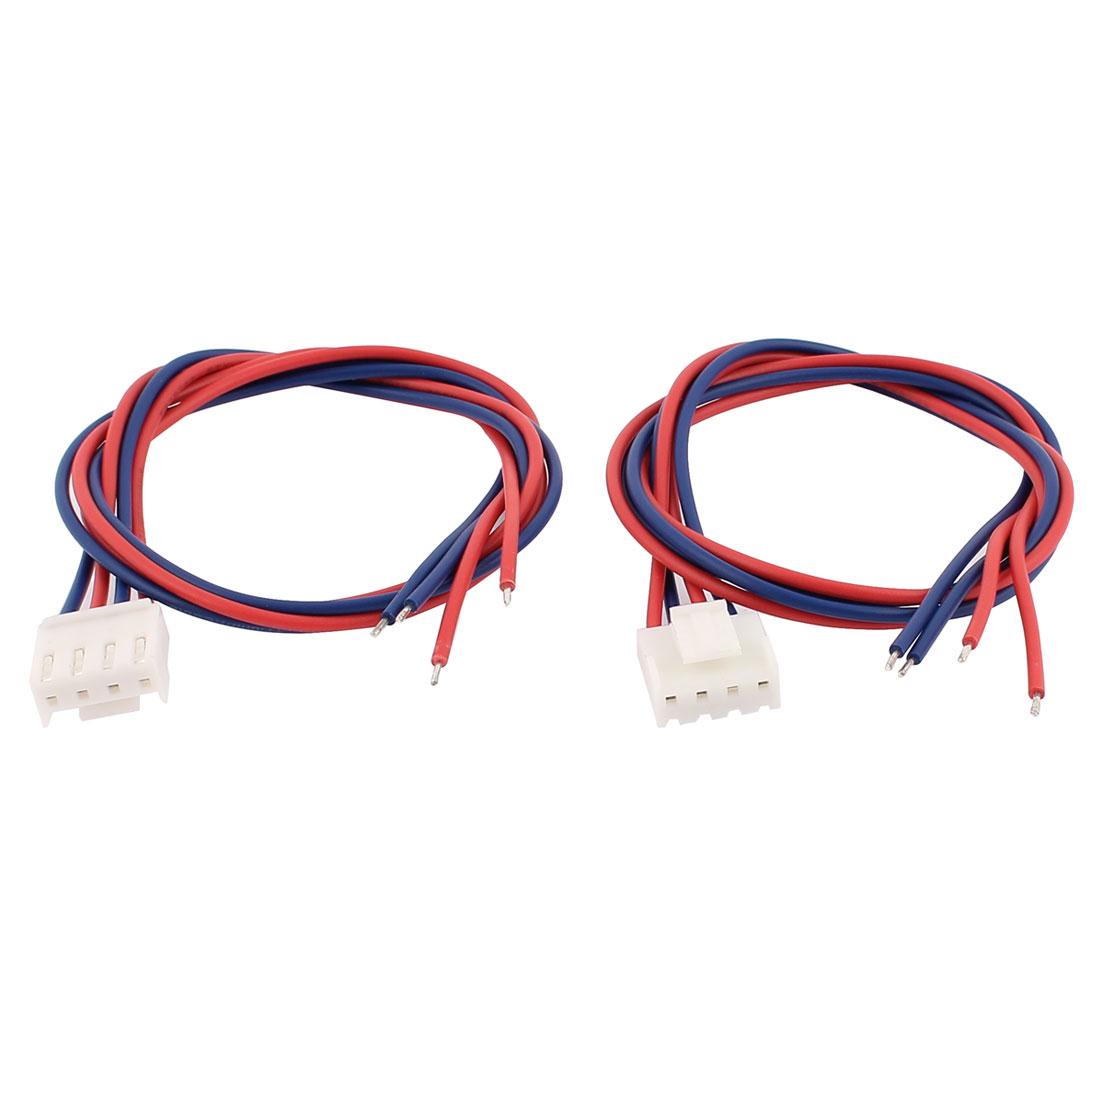 2Pcs 4P 3.96mm Pitch Crimp Terminal Connector Wire 40cm Long